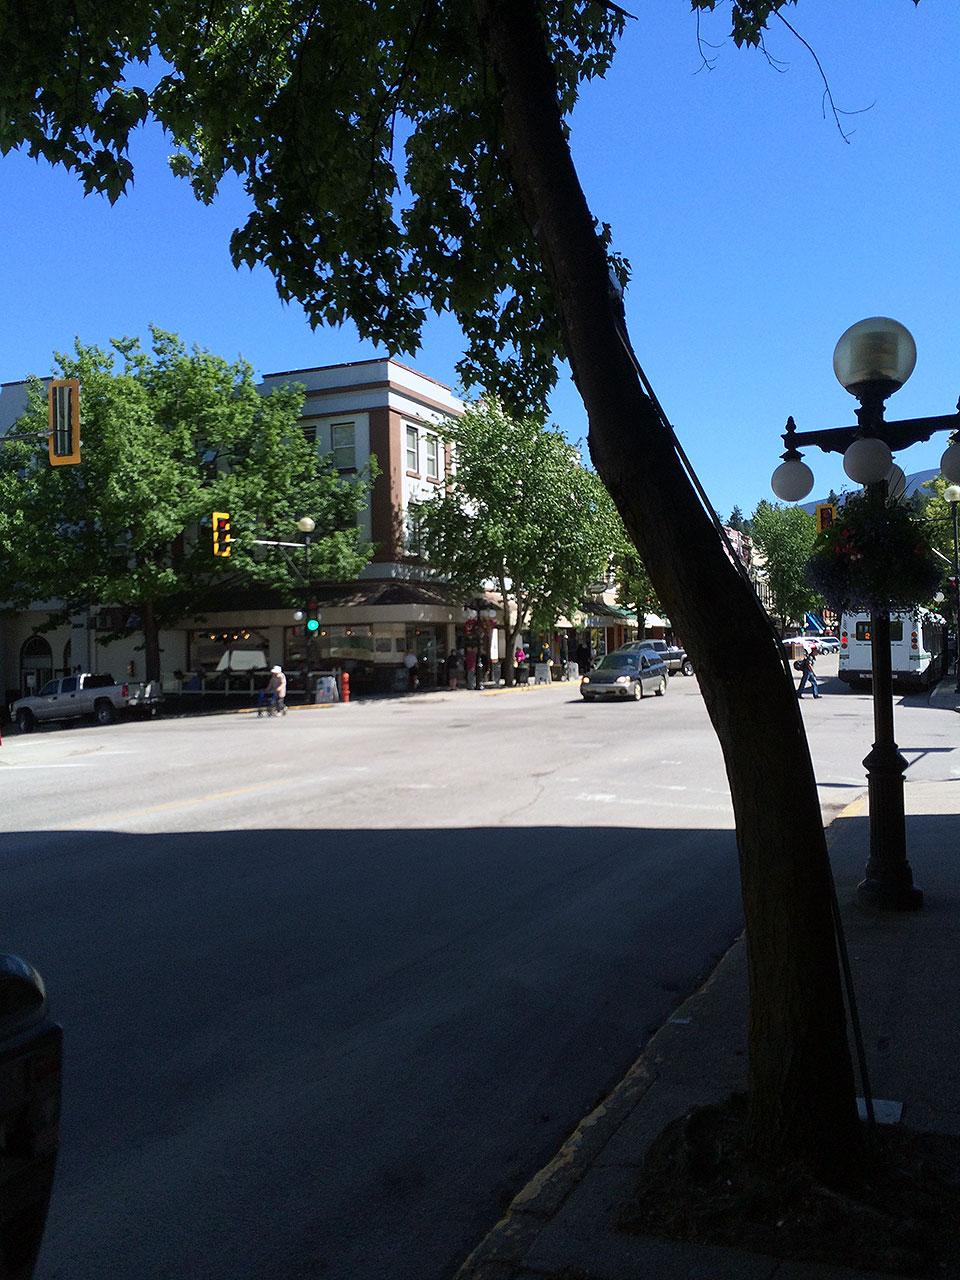 うねうねした山道を抜けてあっという間にネルソンへ到着!街の目抜き通りは建物の高さは低いですが、オシャレな印象。